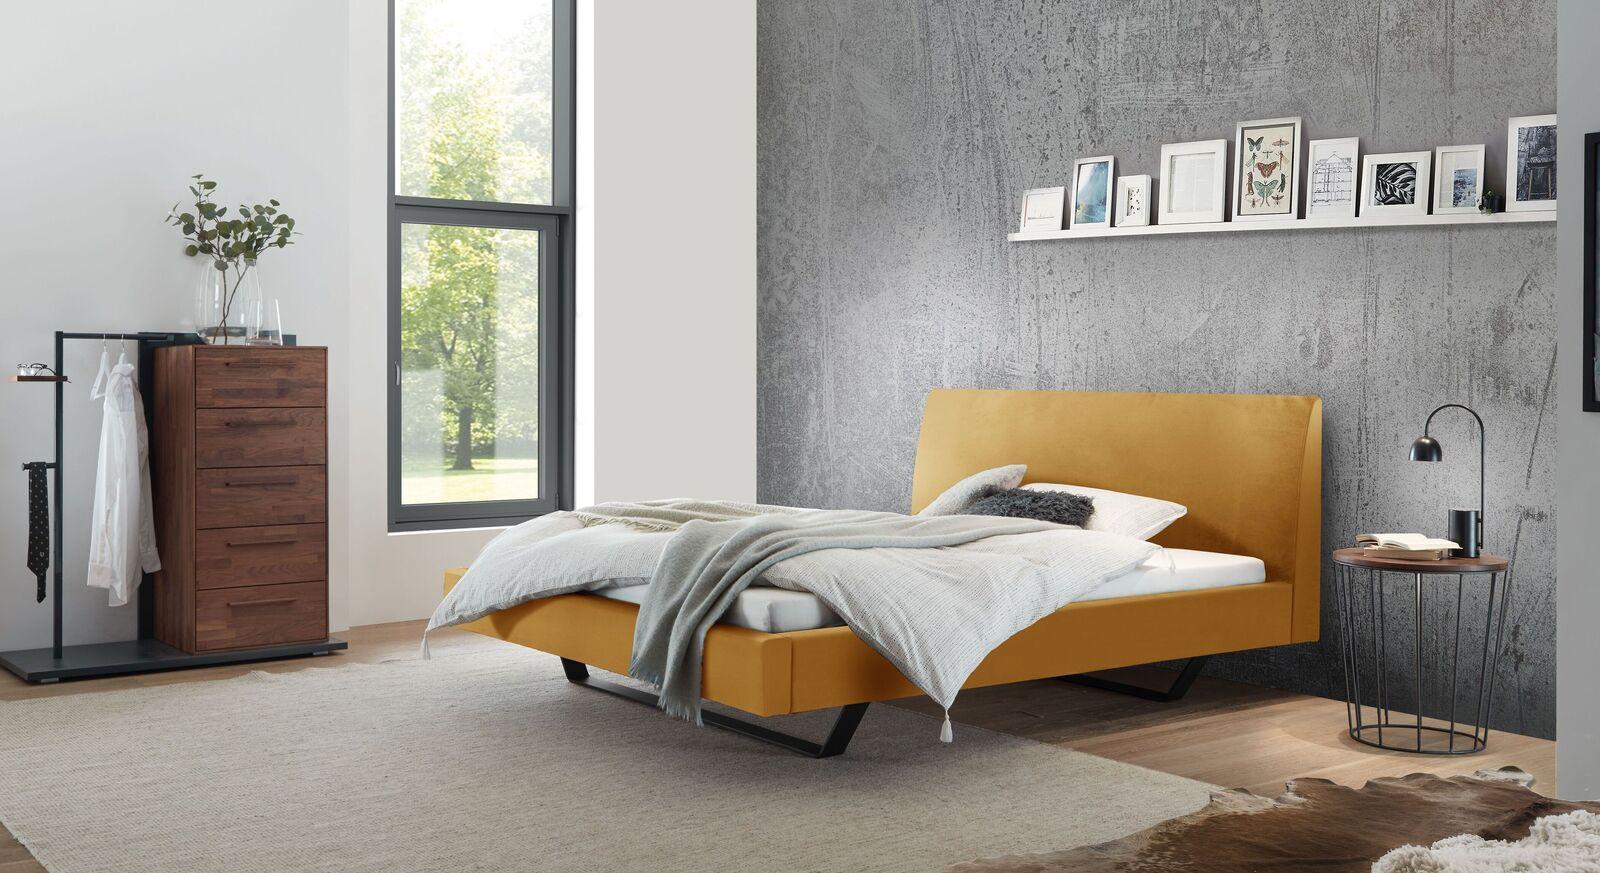 Passende Schlafzimmer-Ausstattung zum Bett Lieven